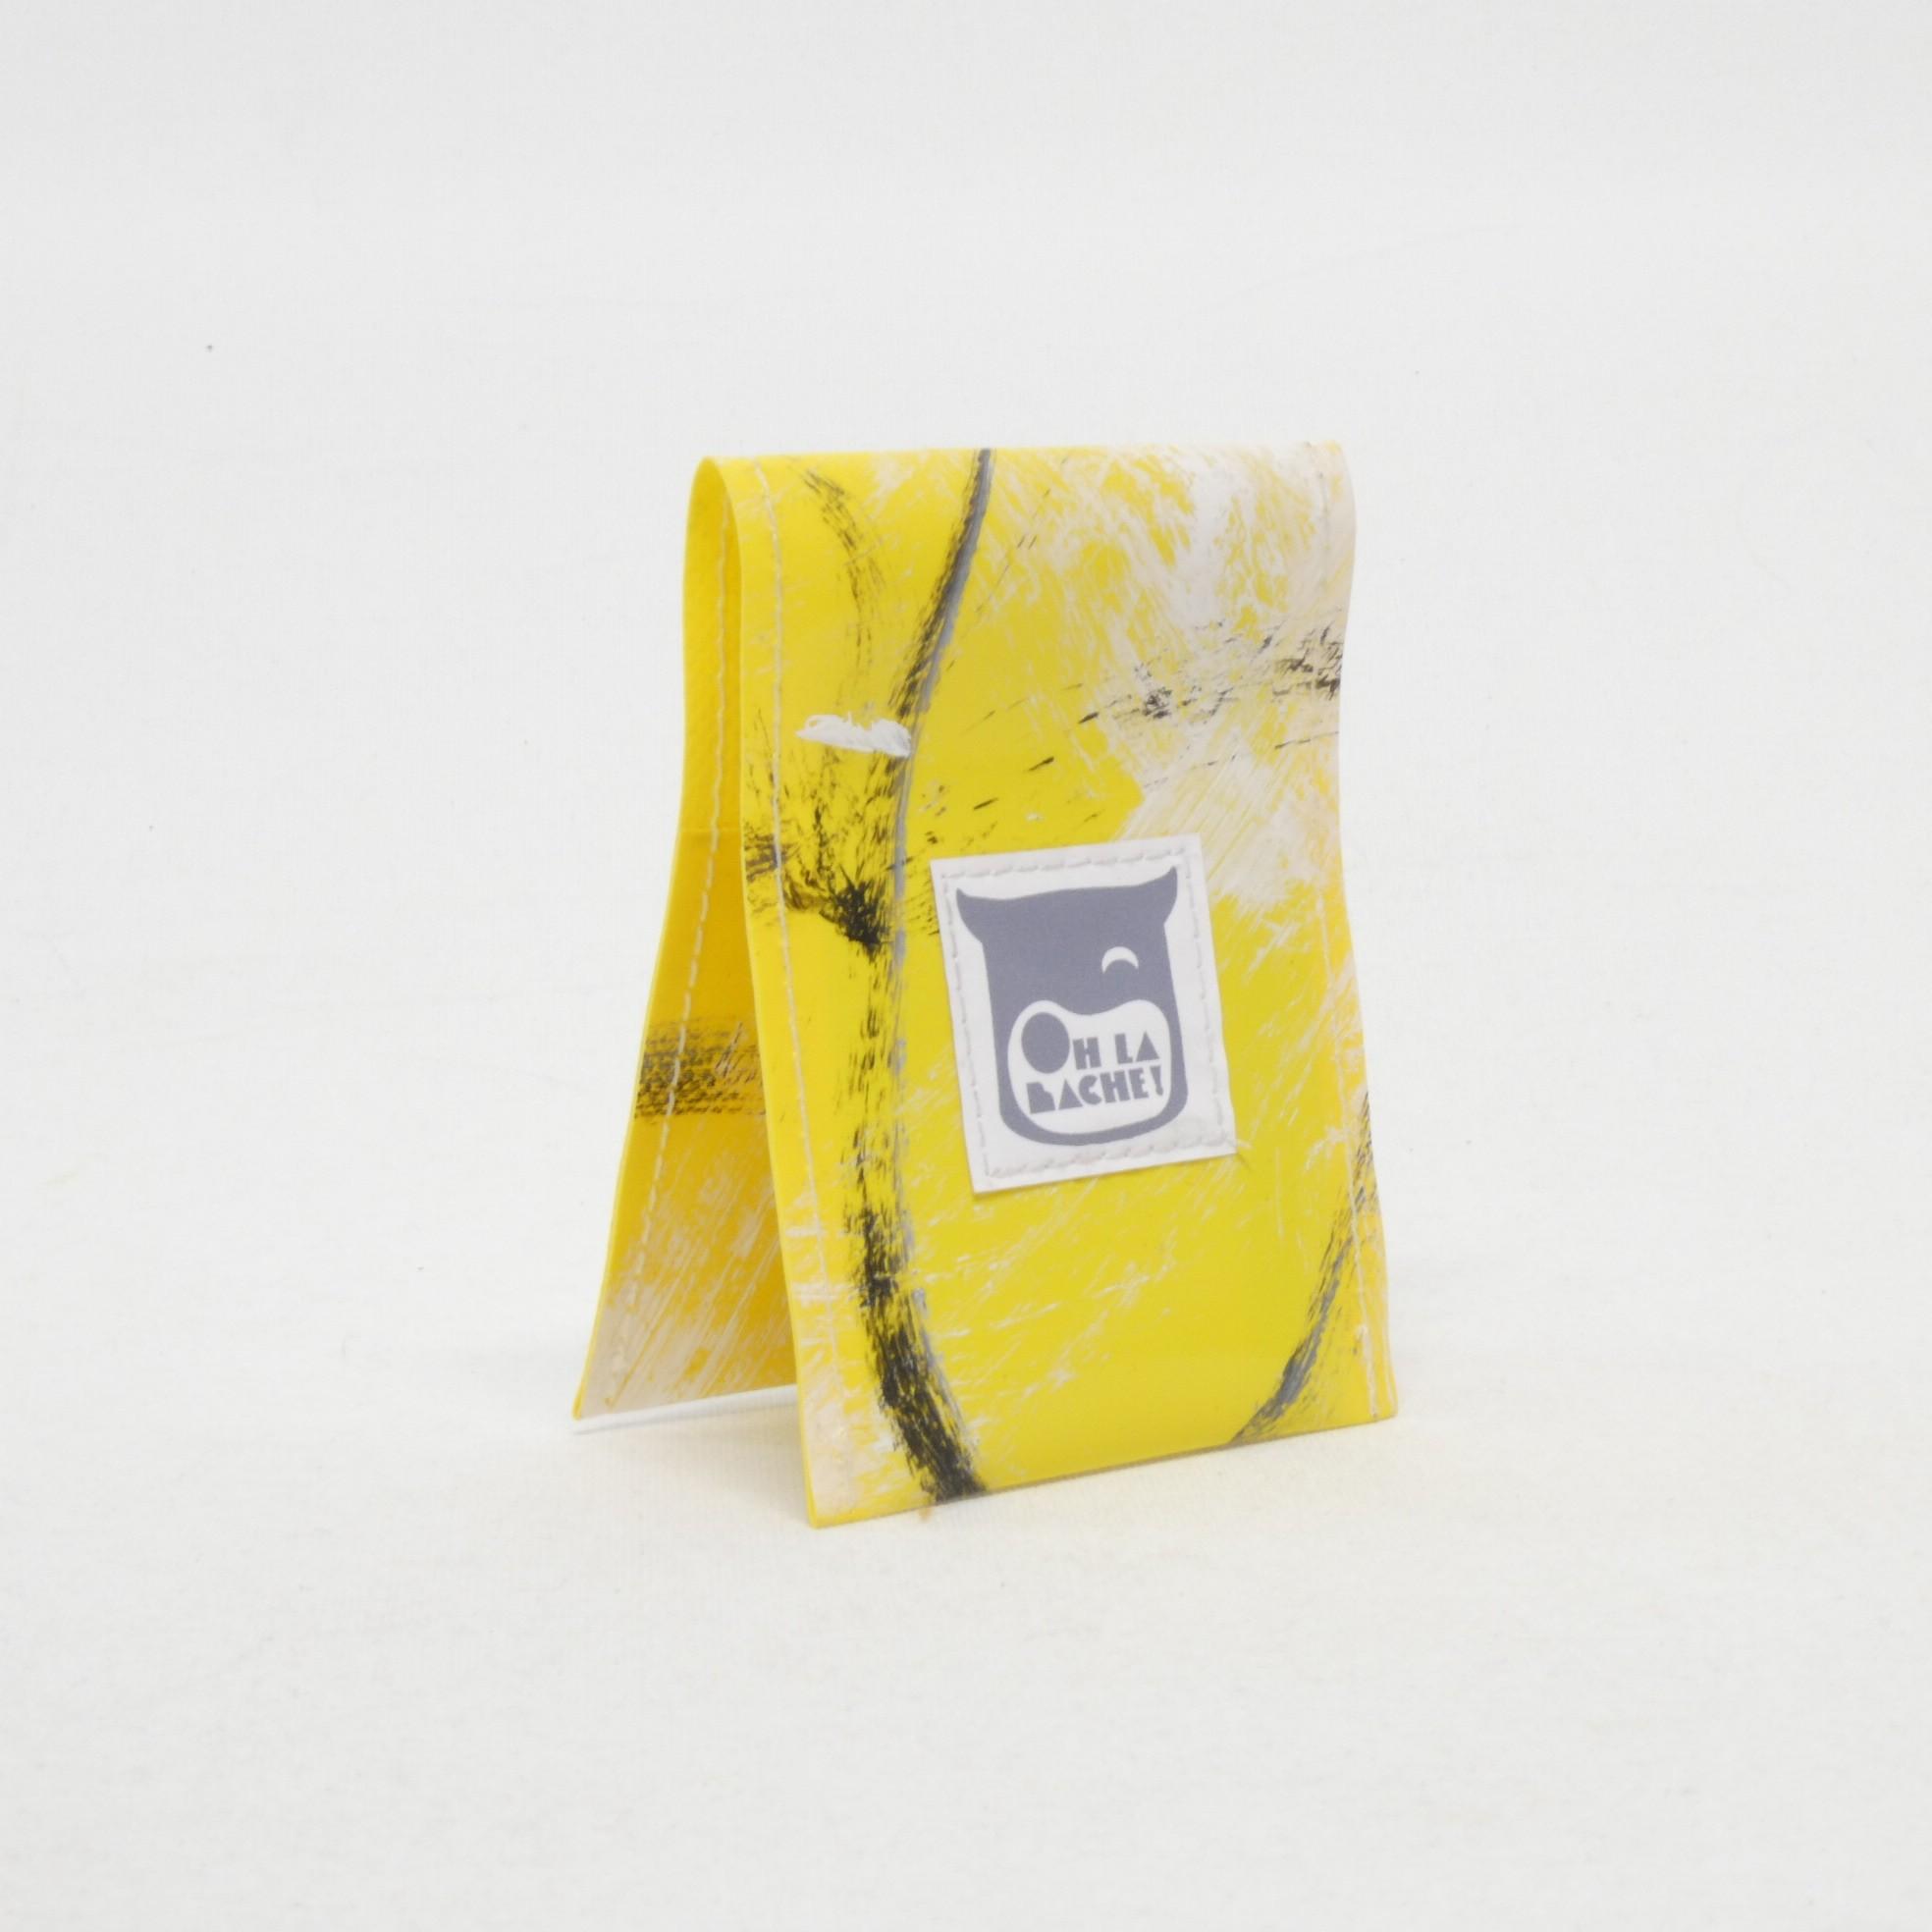 NOé Porte carte by Oh la bâche! e